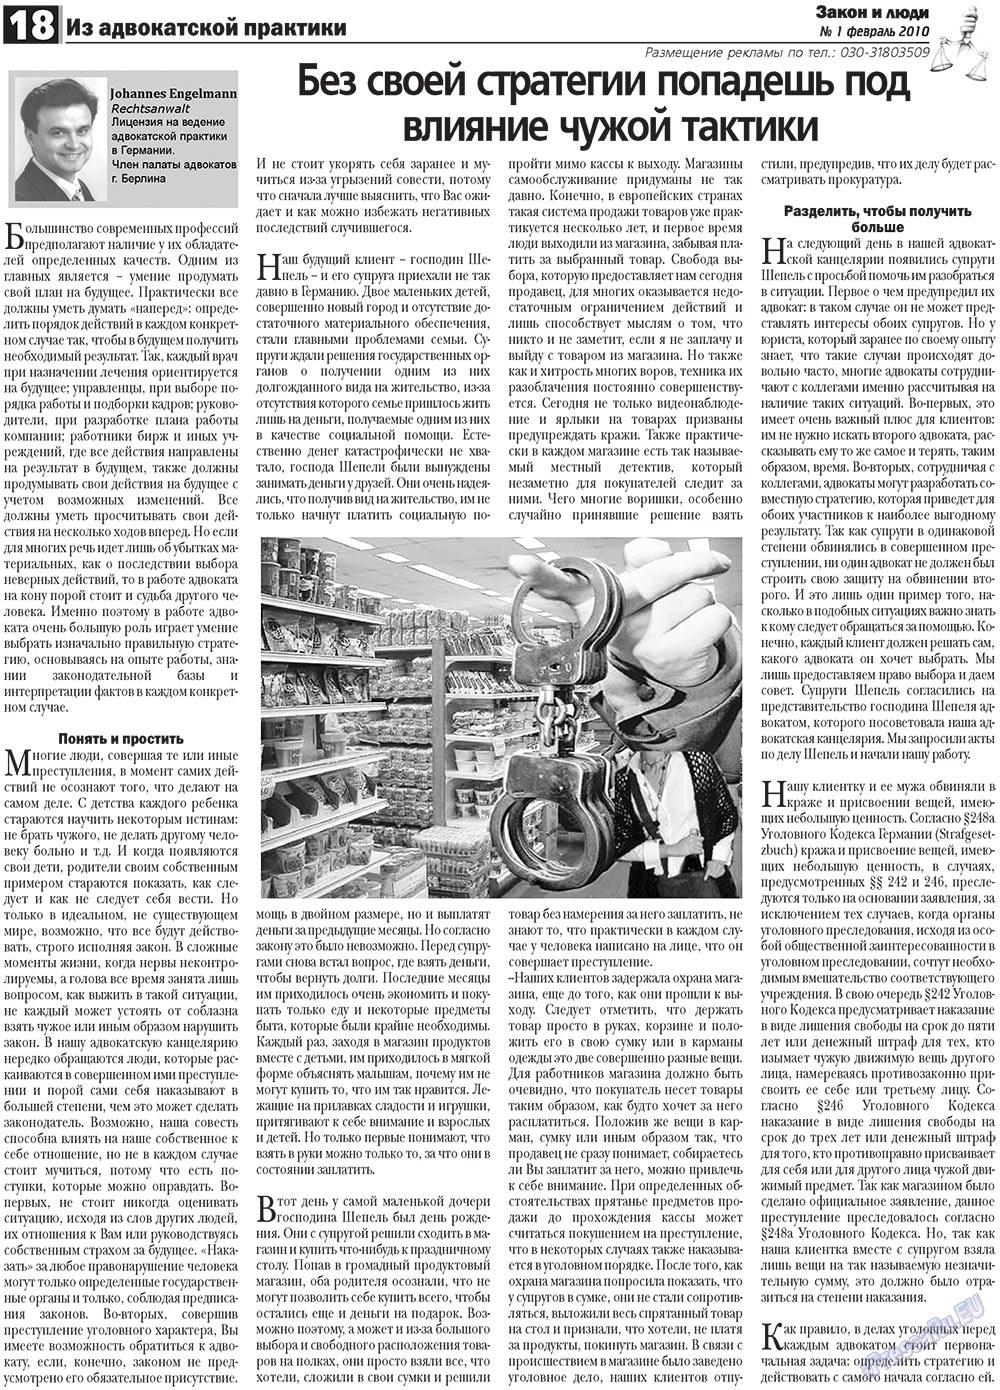 Закон и люди (газета). 2010 год, номер 1, стр. 18